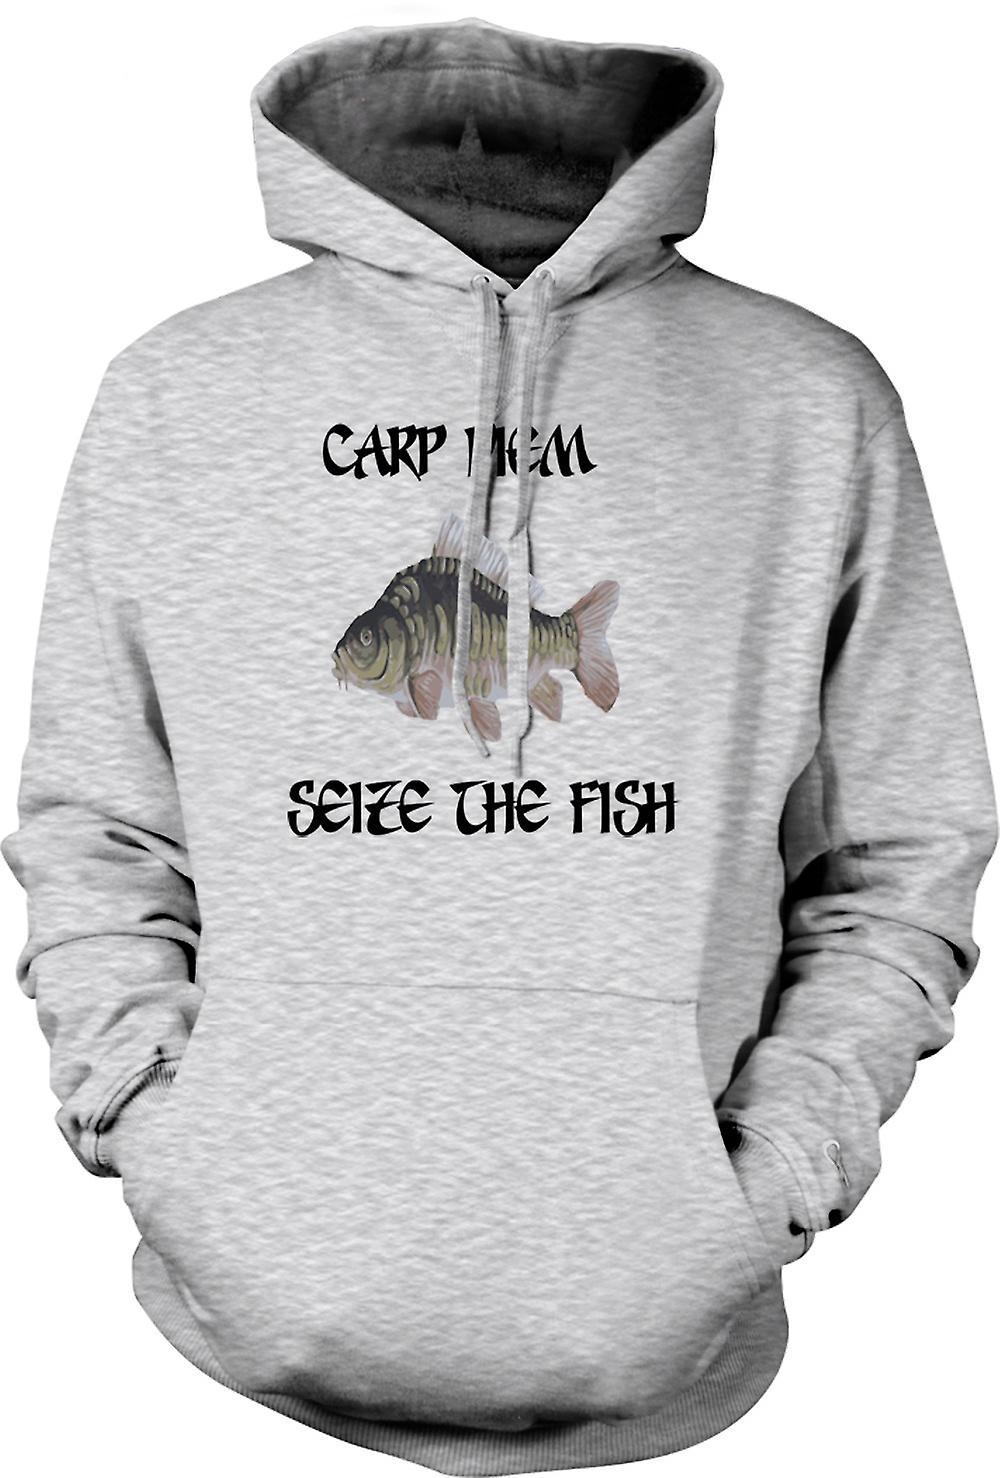 Mens Hoodie - Carpe Diem - cogli il pesce - divertente